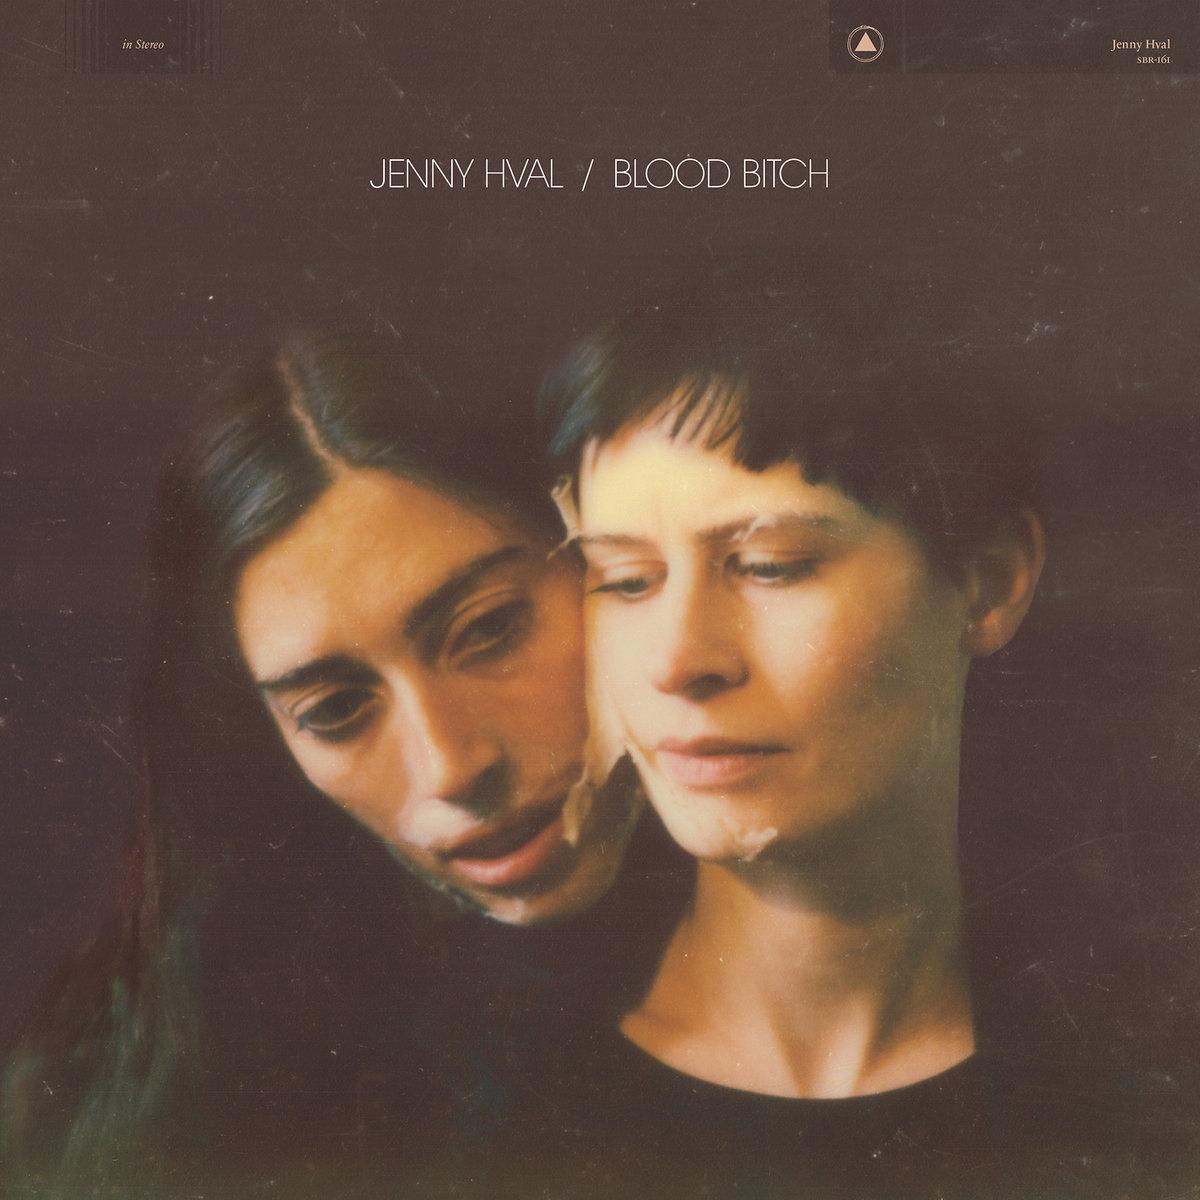 JENNY HVAL - BLOOD BITCH (SACRED BONES RECORDS, 2016)